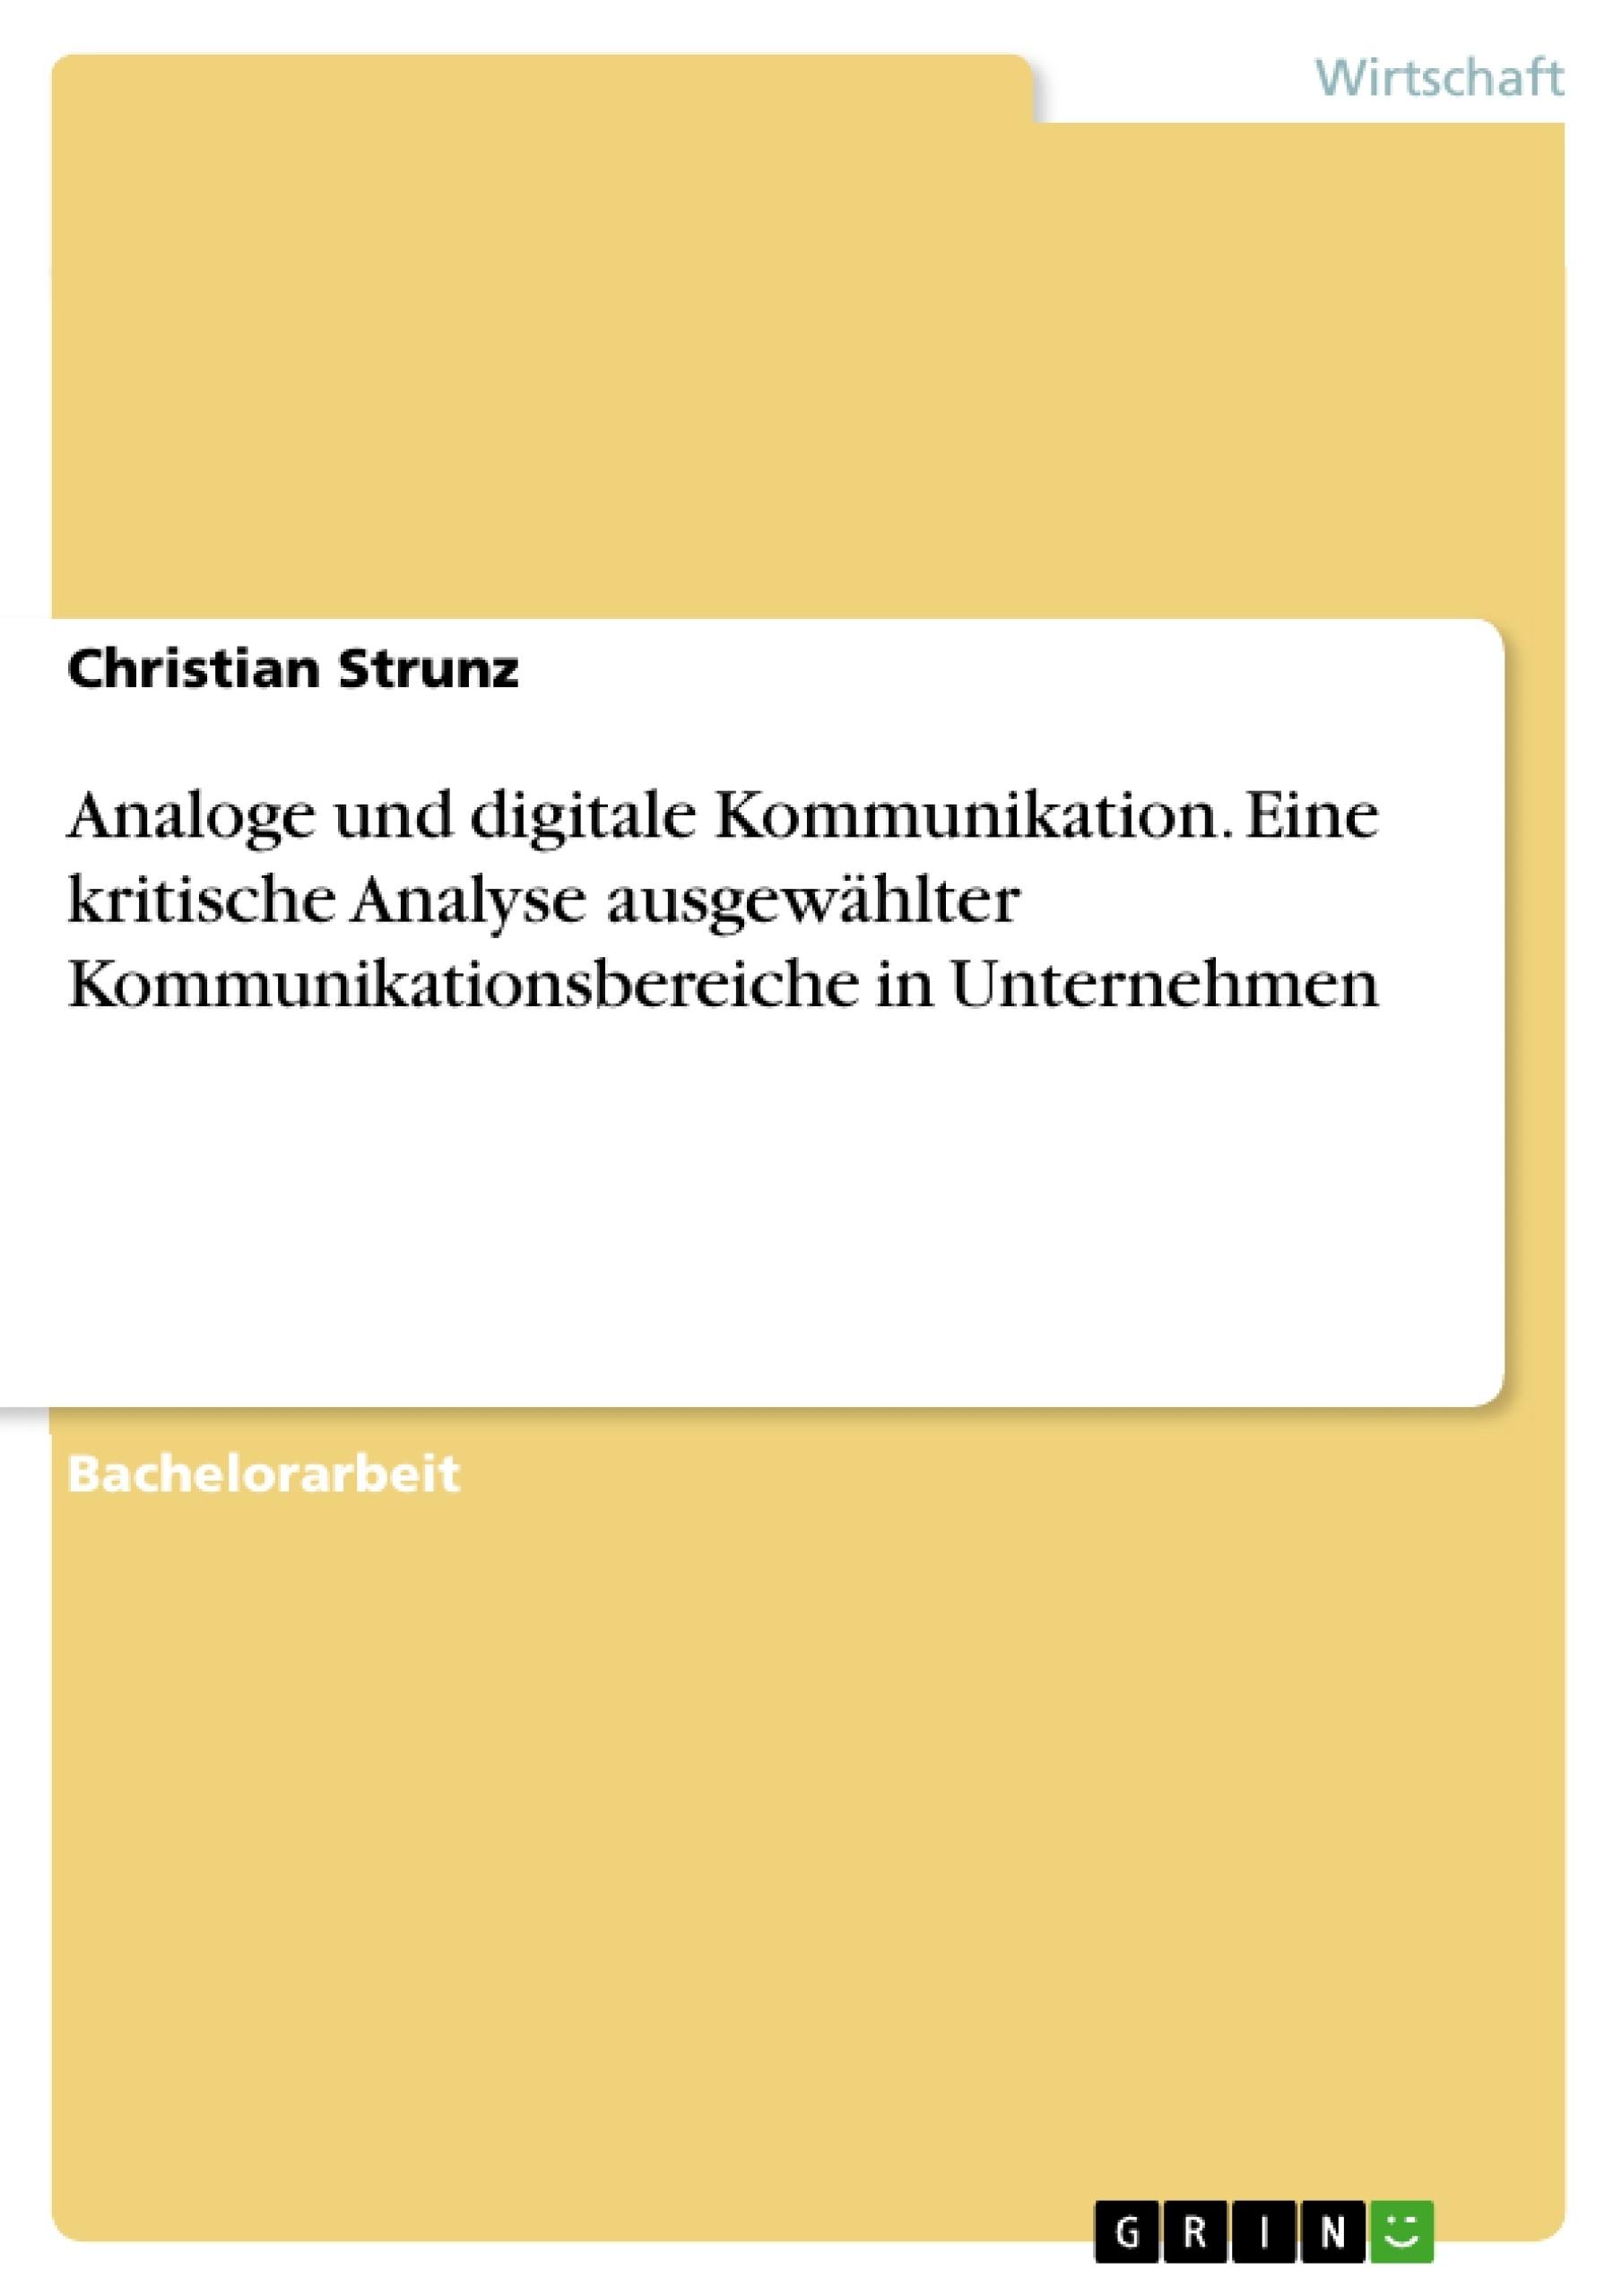 Titel: Analoge und digitale Kommunikation. Eine kritische Analyse ausgewählter Kommunikationsbereiche in Unternehmen